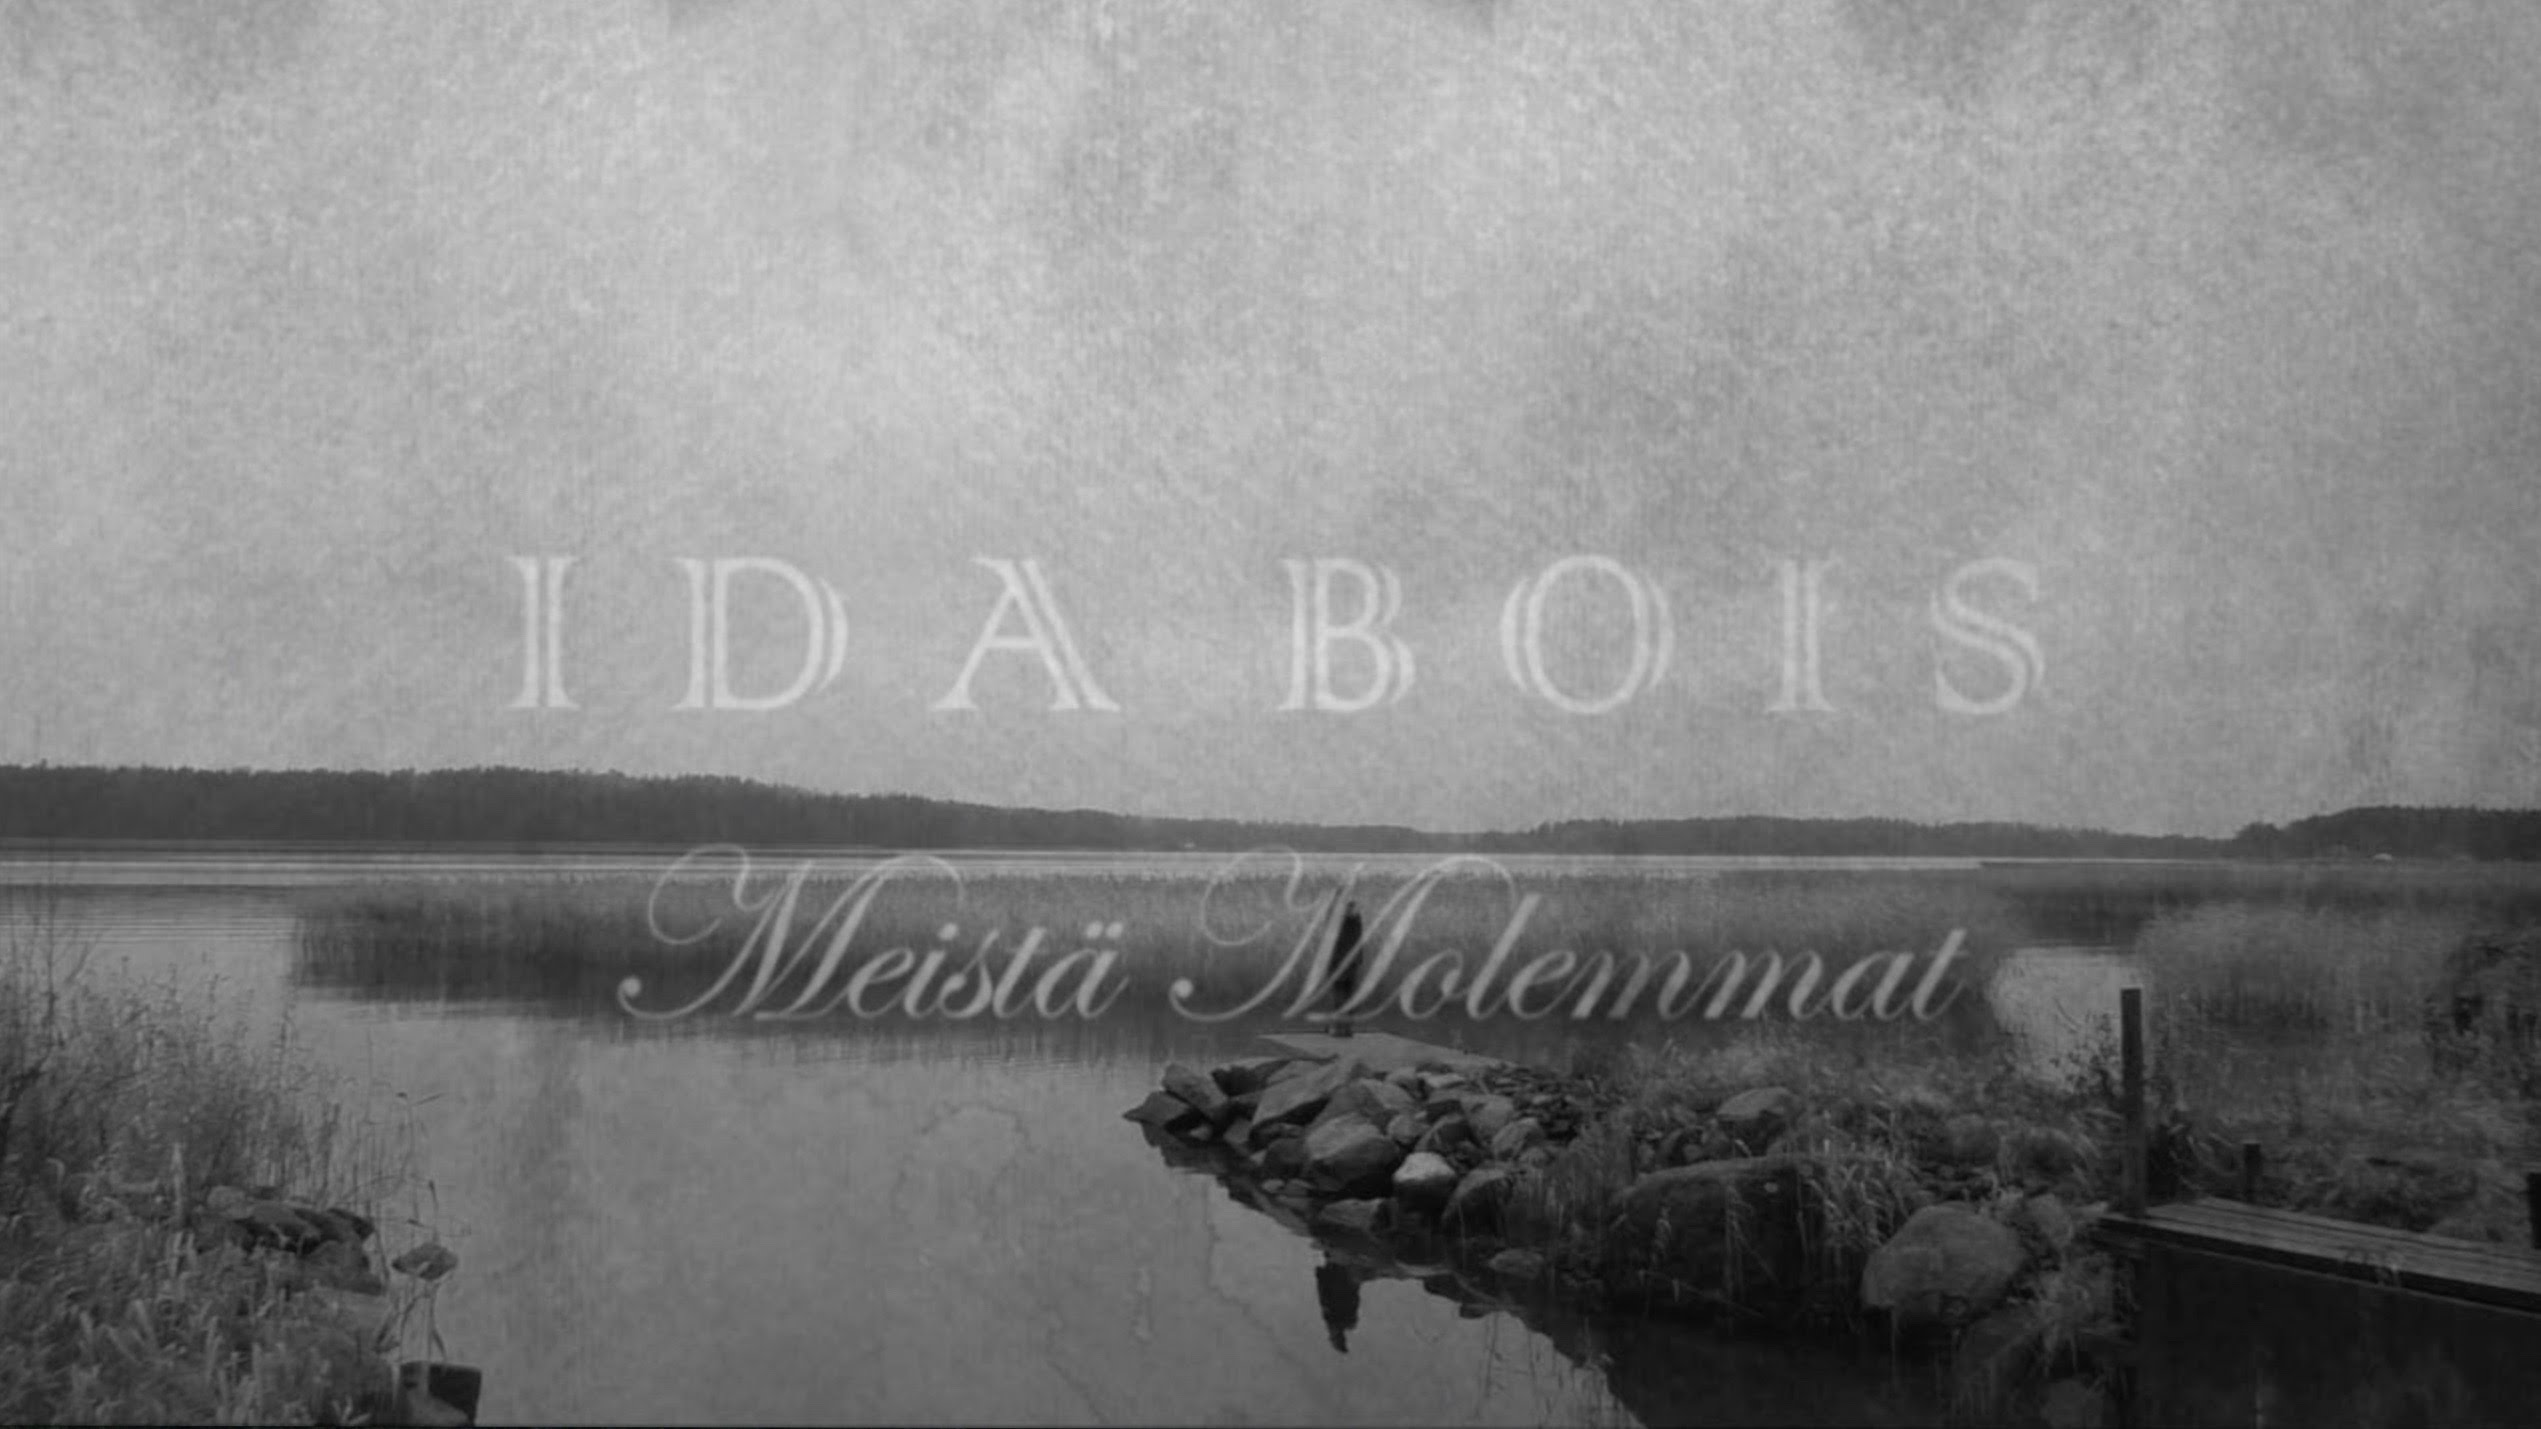 Ida Boisilta uusi kappale Meistä Molemmat